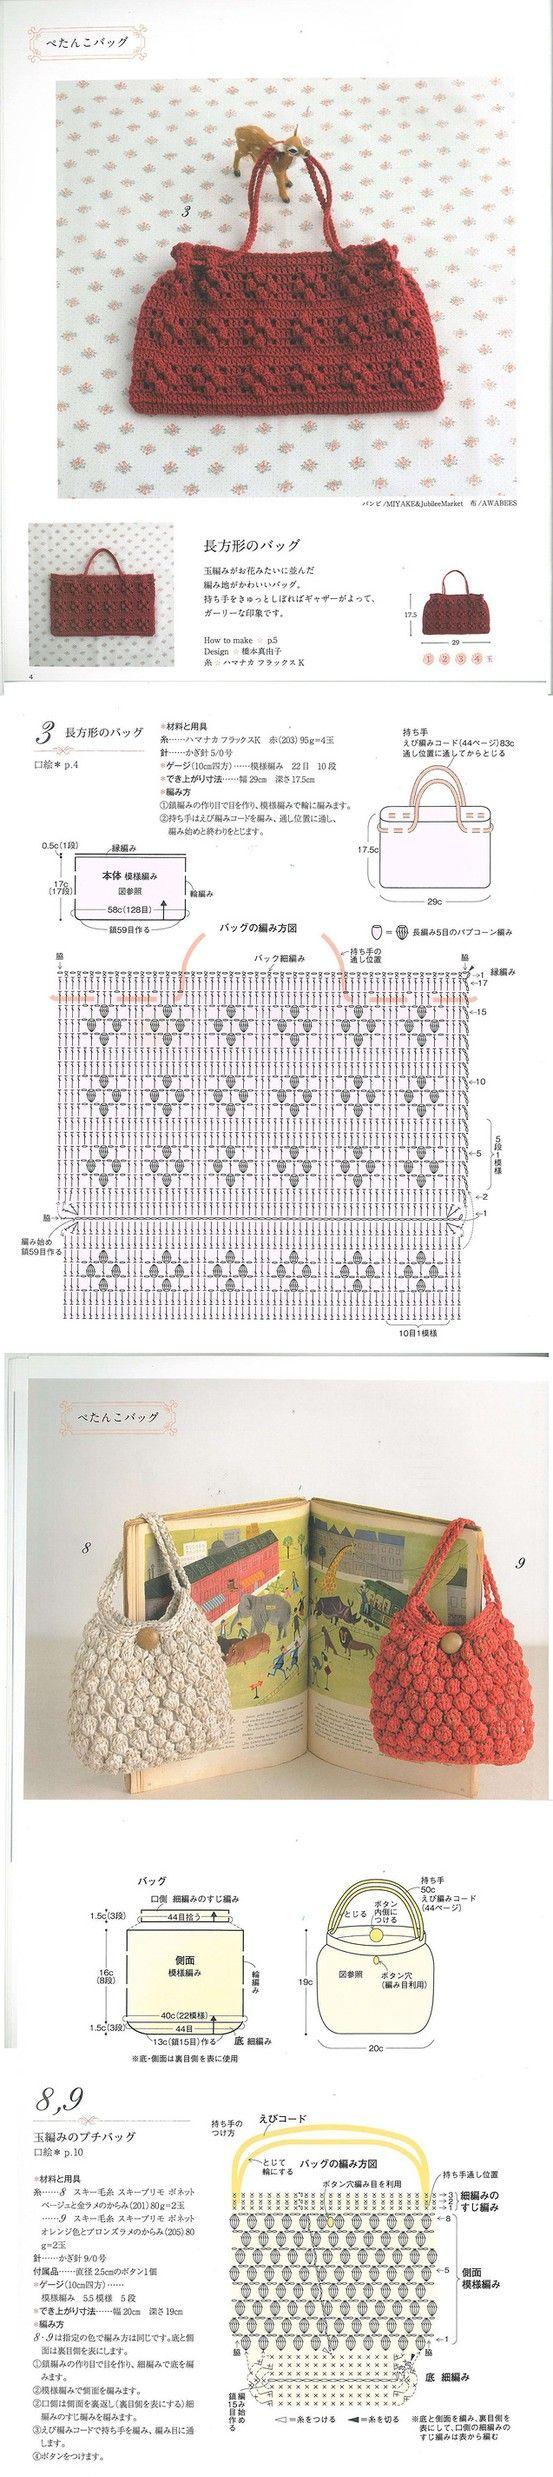 長方形のバッグ(編み図)